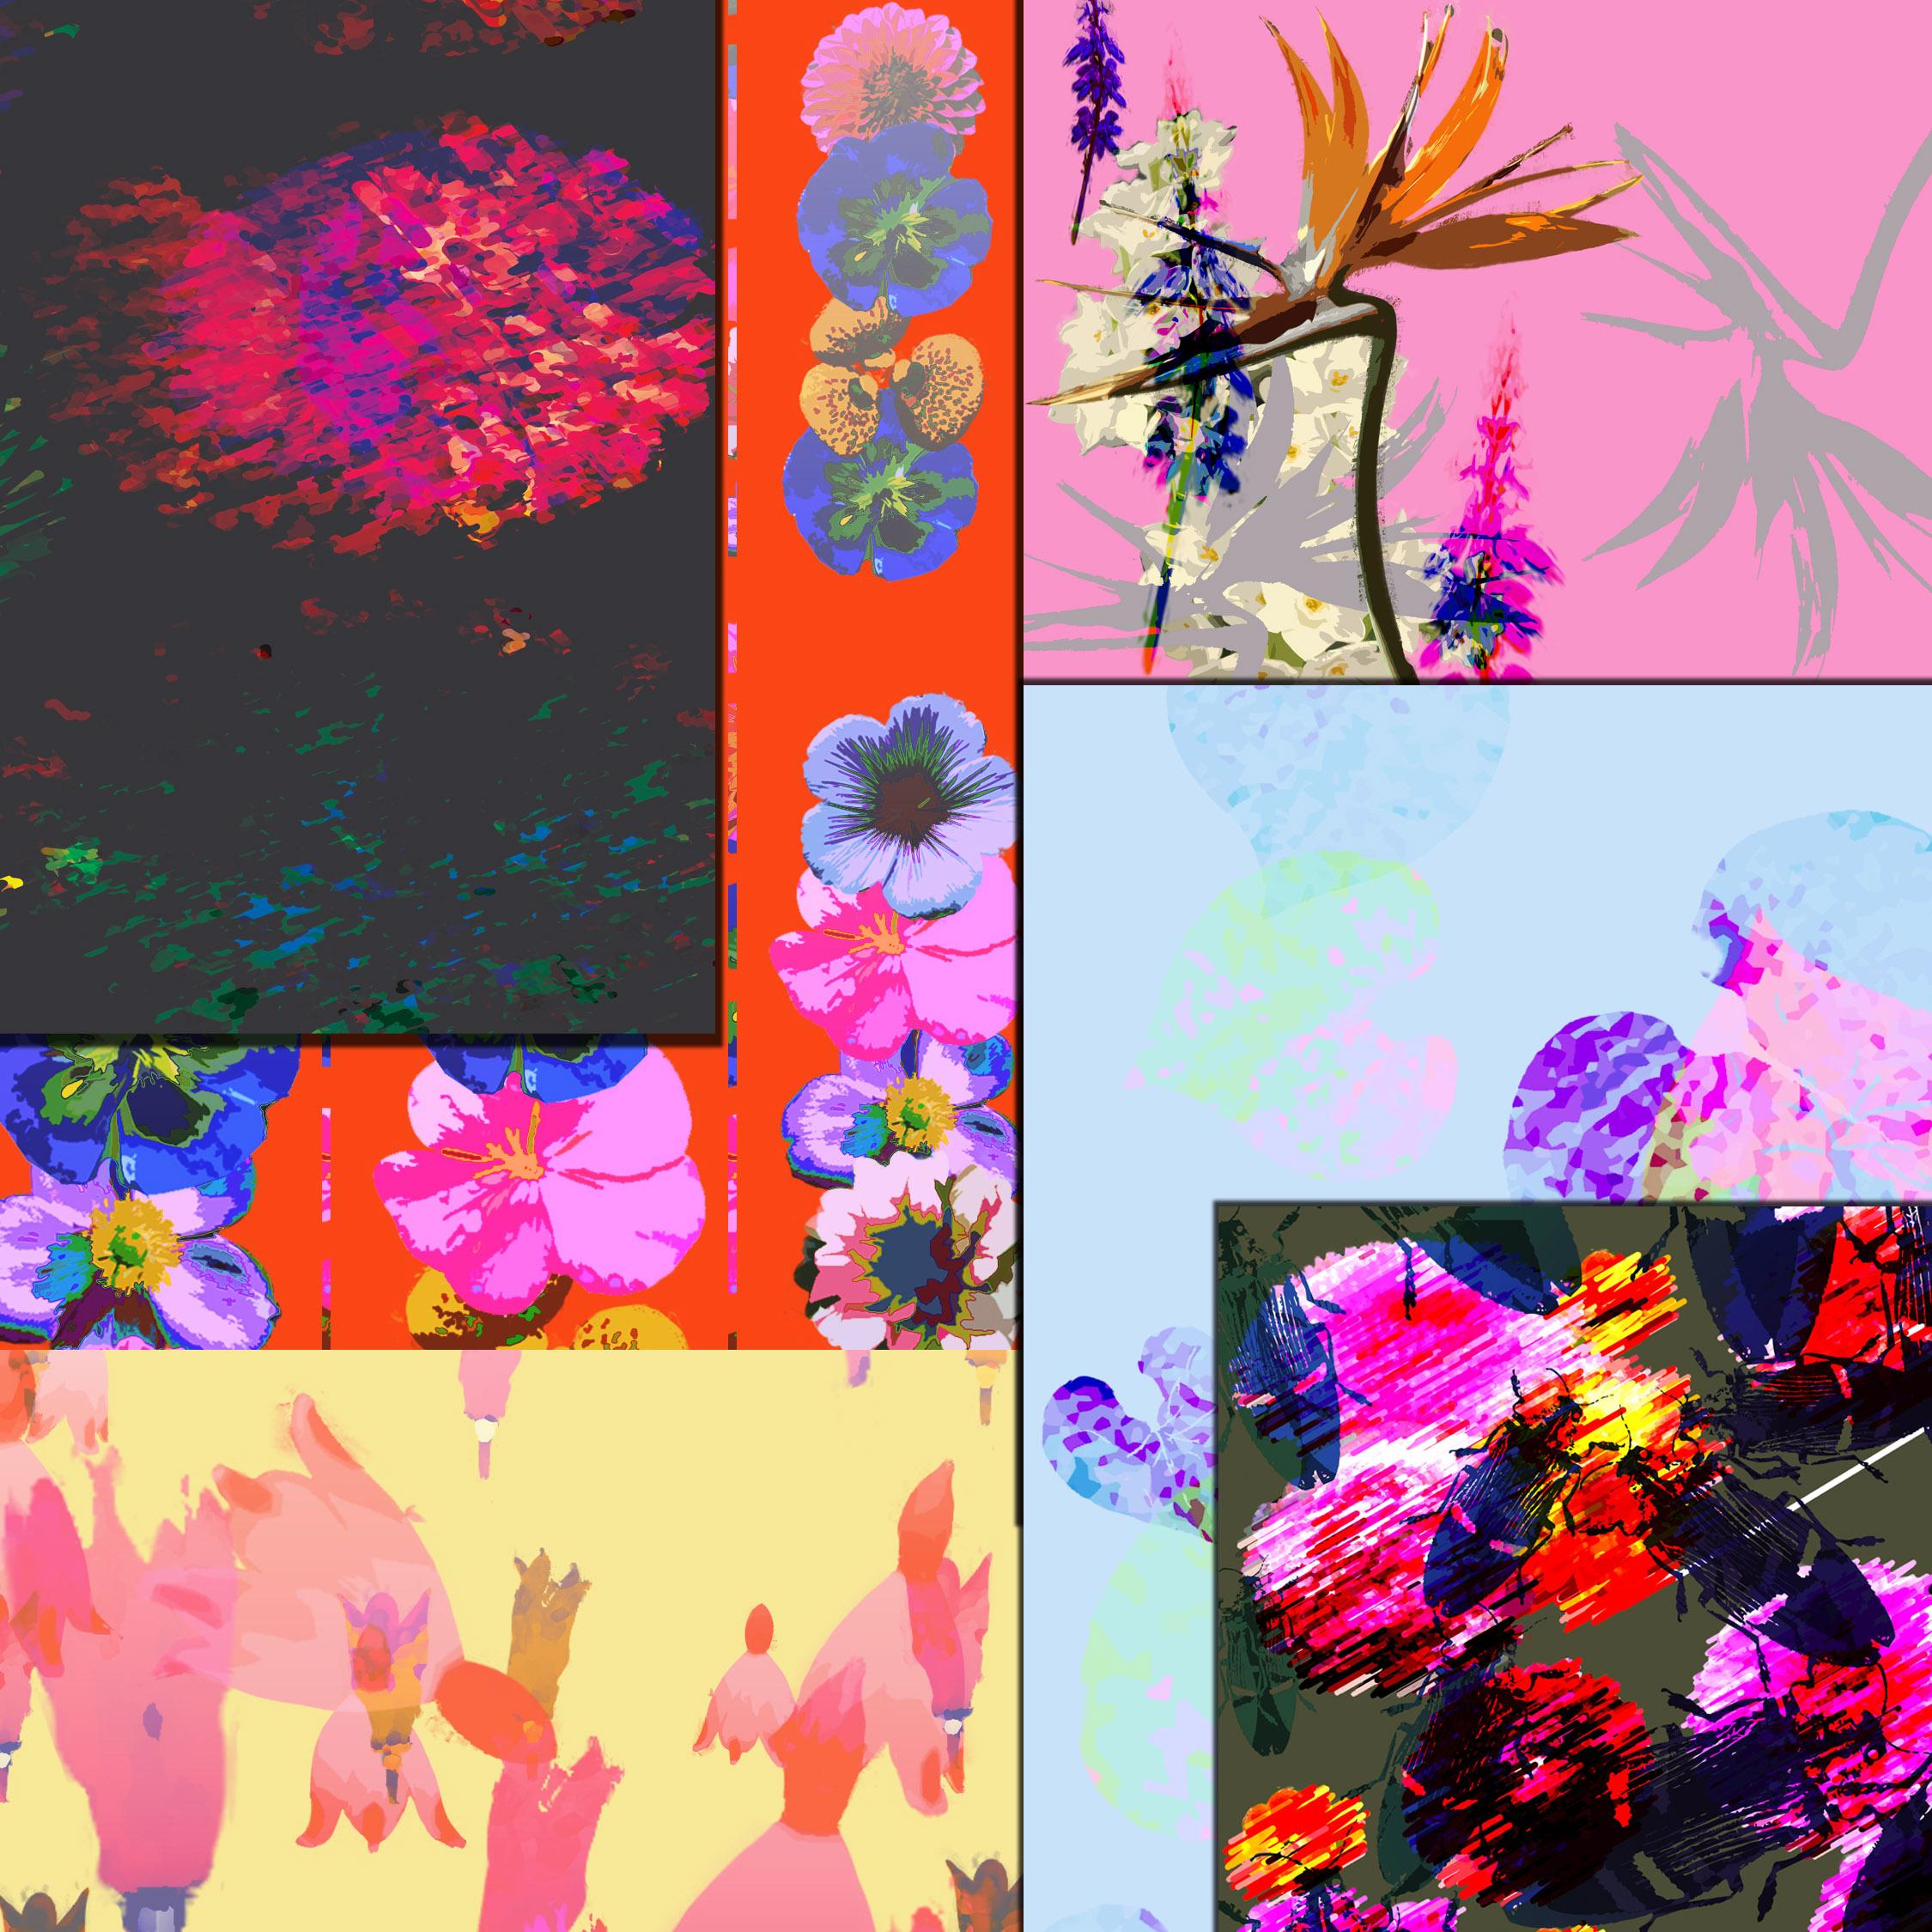 Summer Floral prints